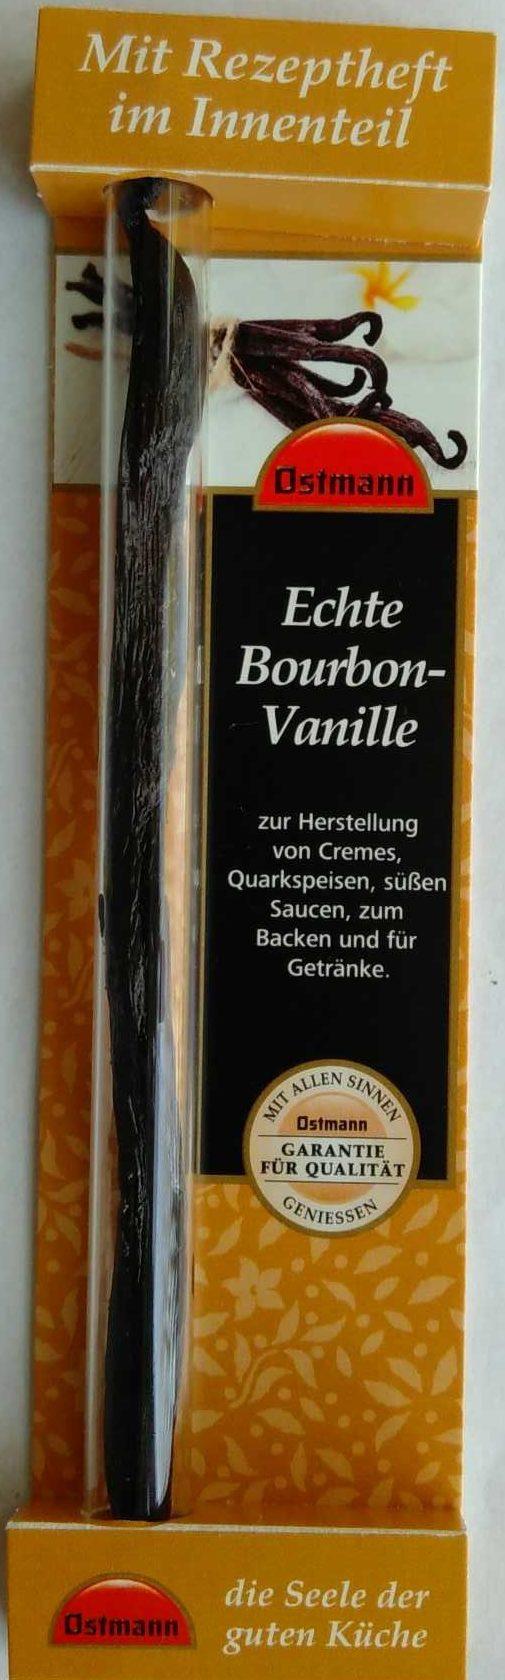 Echte Bourbon-Vanille - Product - de